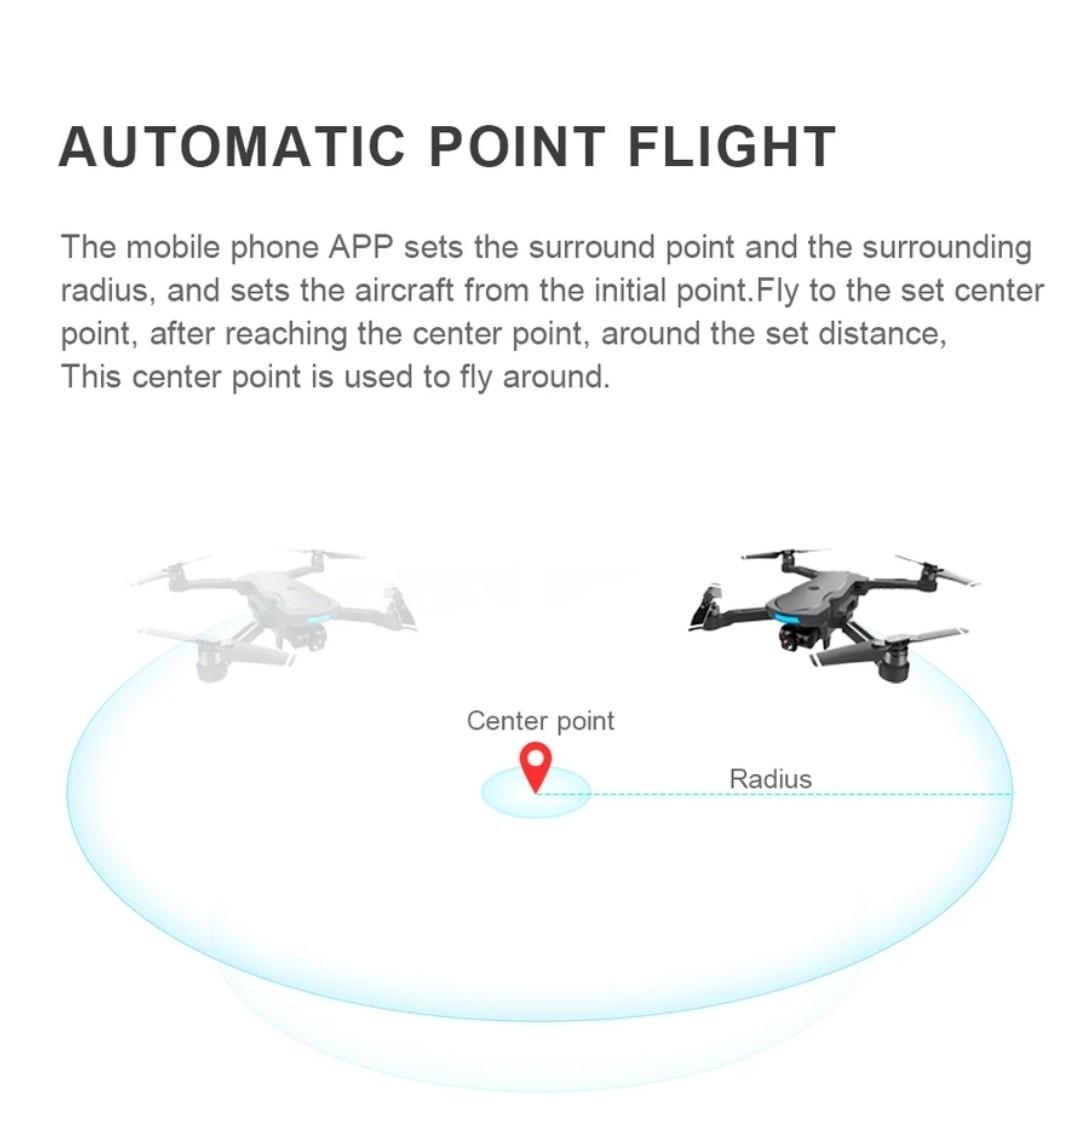 新型、CG033 GPS.ジンバルカメラ、1080p HD.画面付きコントローラー、ブラシレスモータ、2.4G.高度保持!_画像7